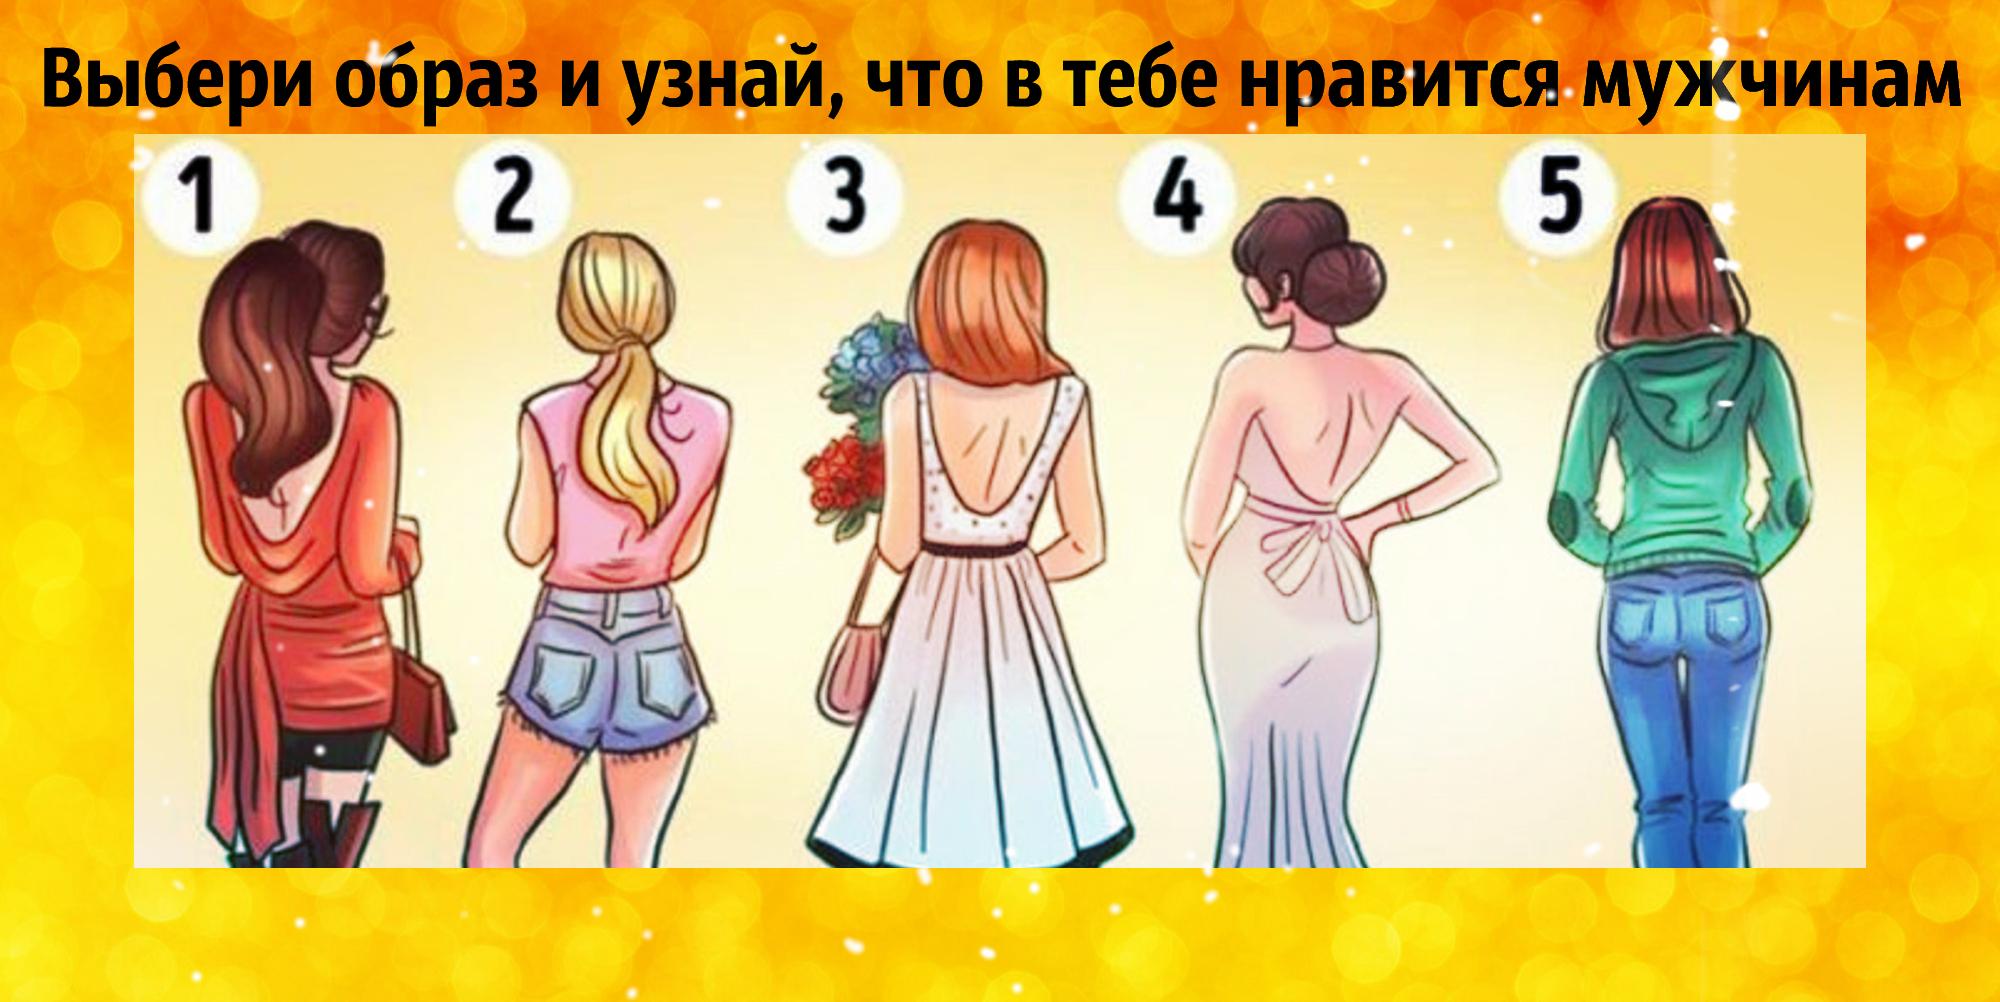 многих тест в картинках женский вас есть